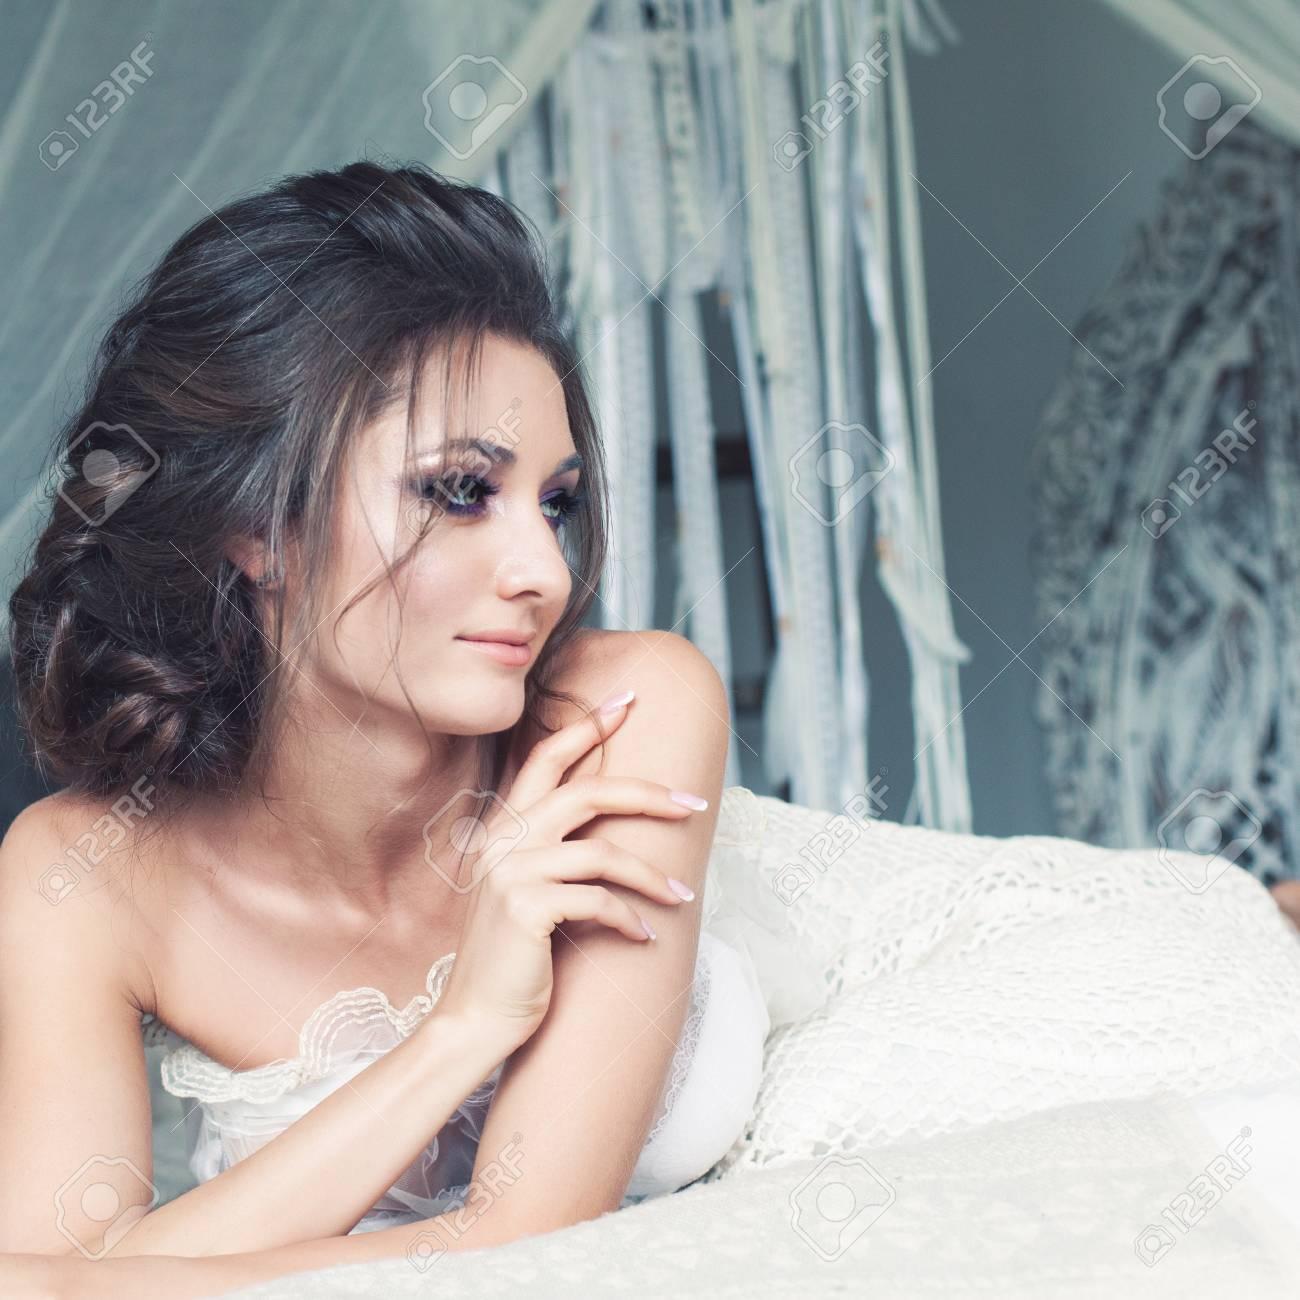 Perfekte Frau Mit Make Up Und Perfekte Hochzeit Frisur Im Weissen